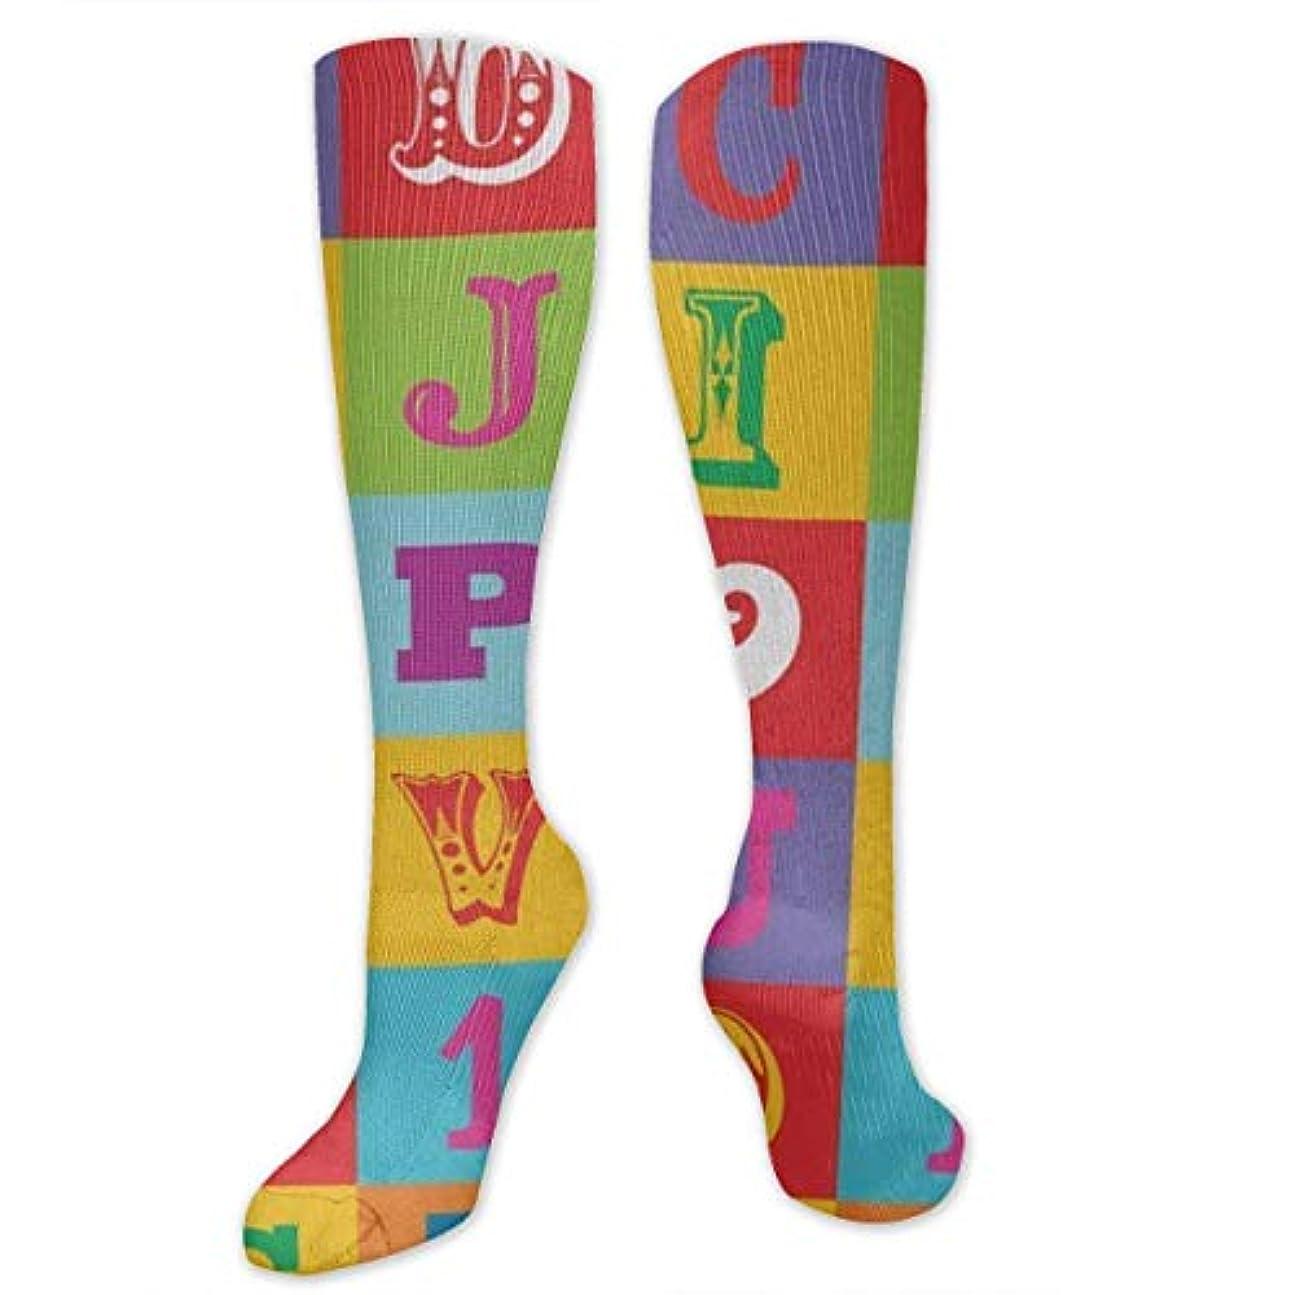 老人ベーシック蒸発靴下,ストッキング,野生のジョーカー,実際,秋の本質,冬必須,サマーウェア&RBXAA Colorful Alphabet ABC and Digits Socks Women's Winter Cotton Long...